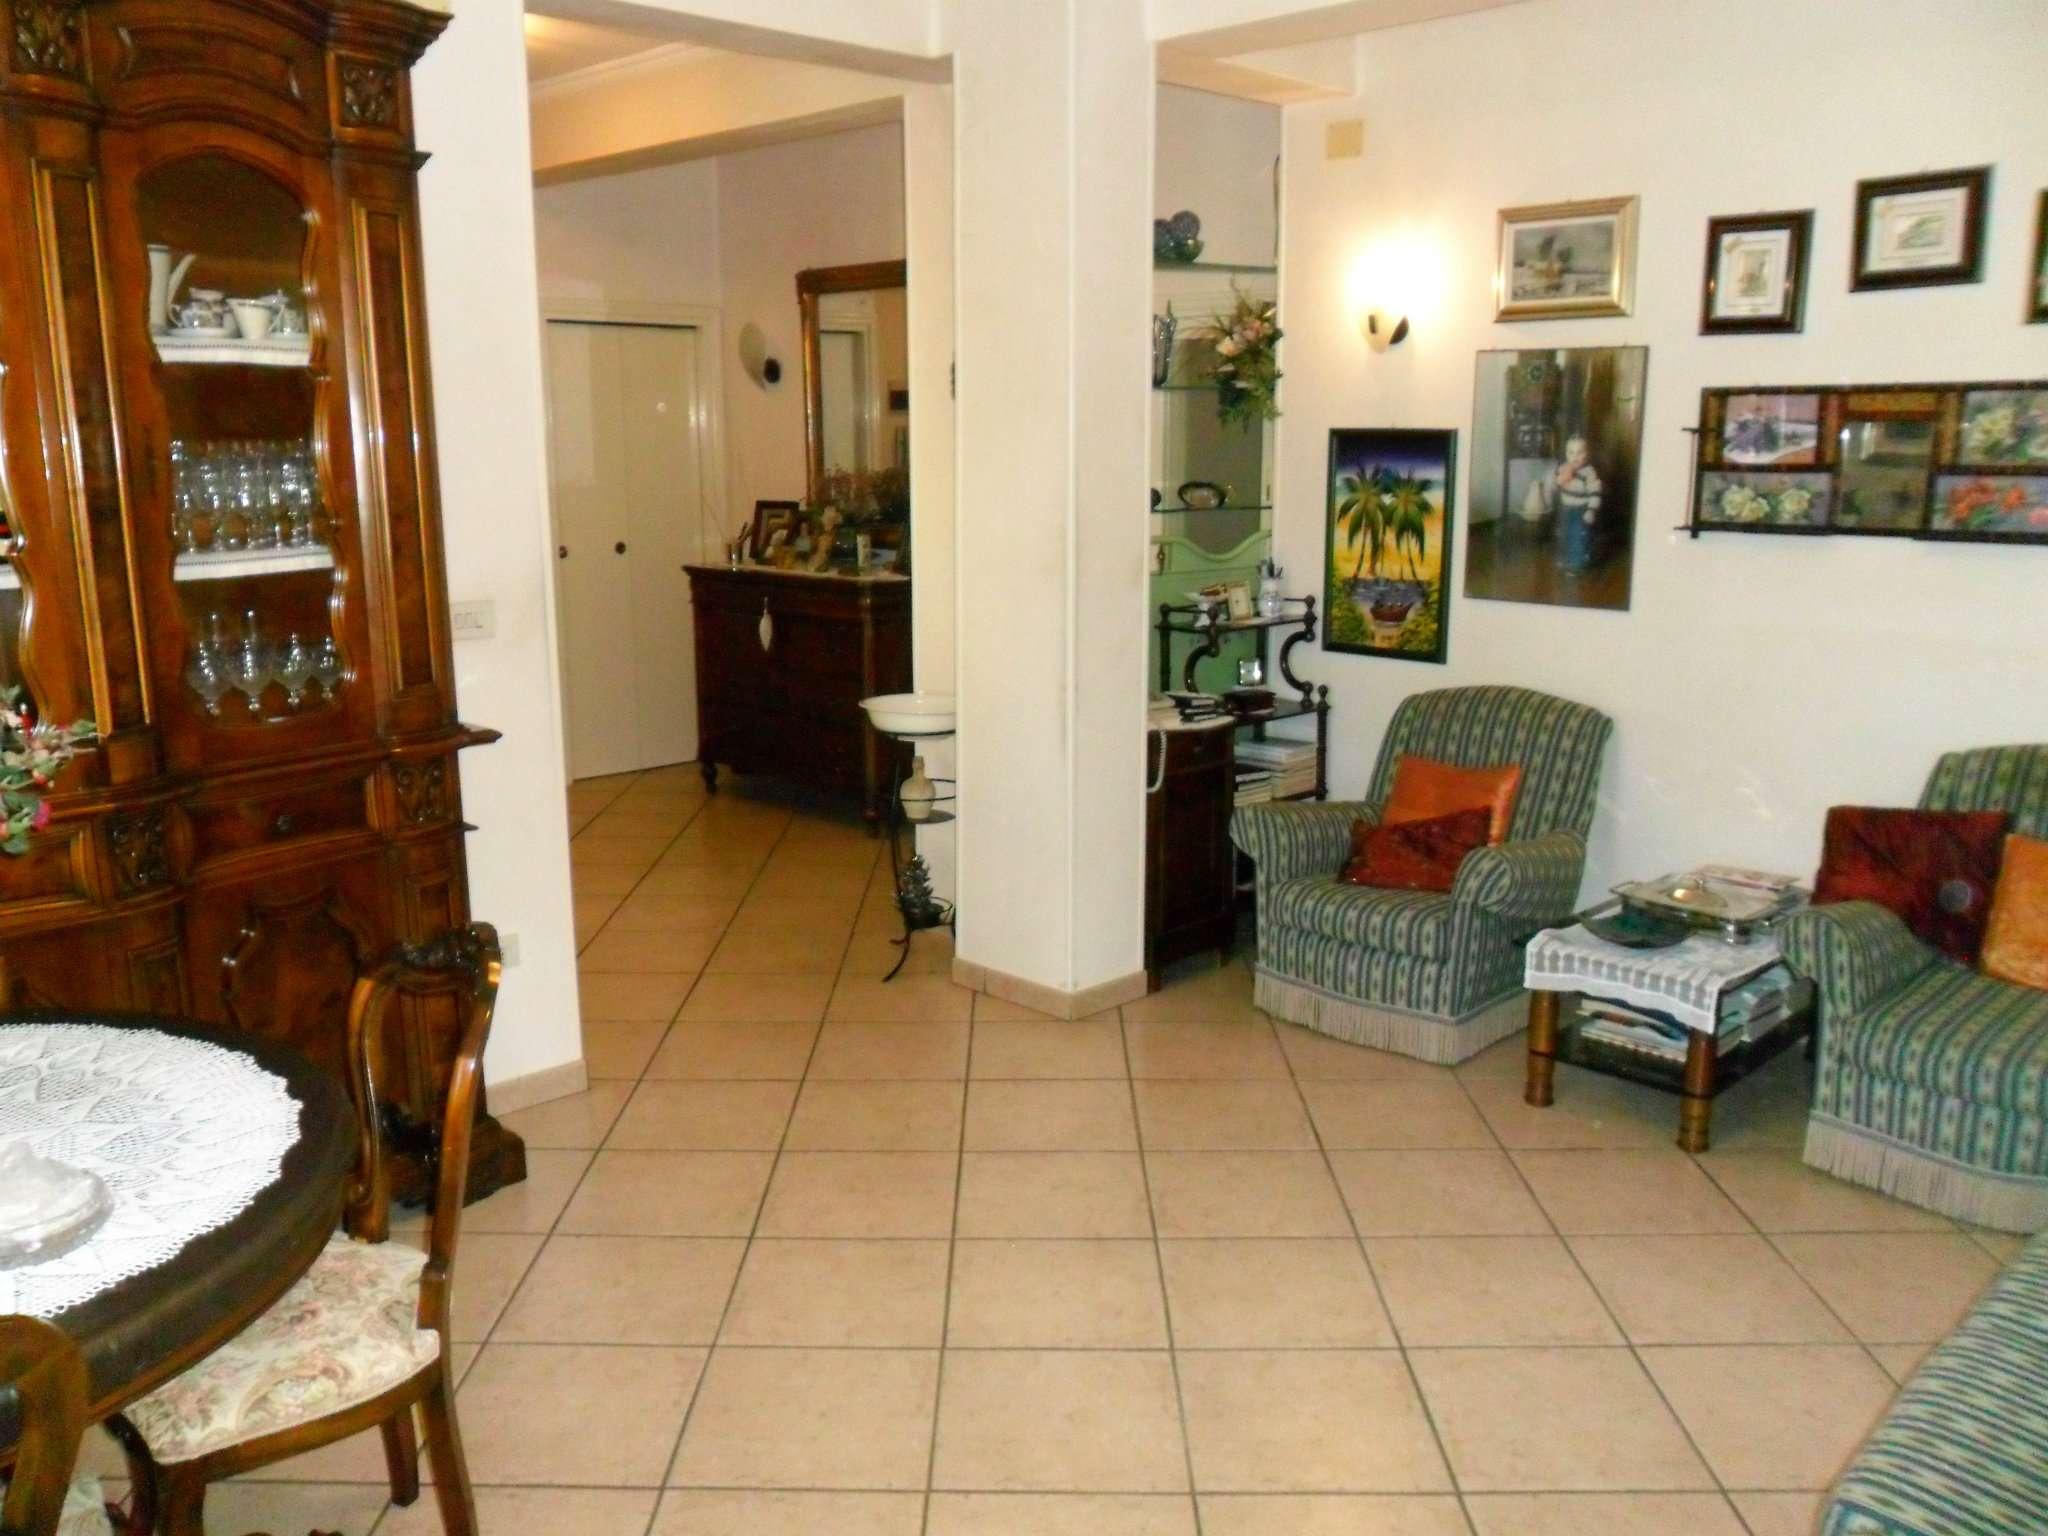 Appartamento in vendita a Noceto, 3 locali, prezzo € 100.000 | Cambio Casa.it